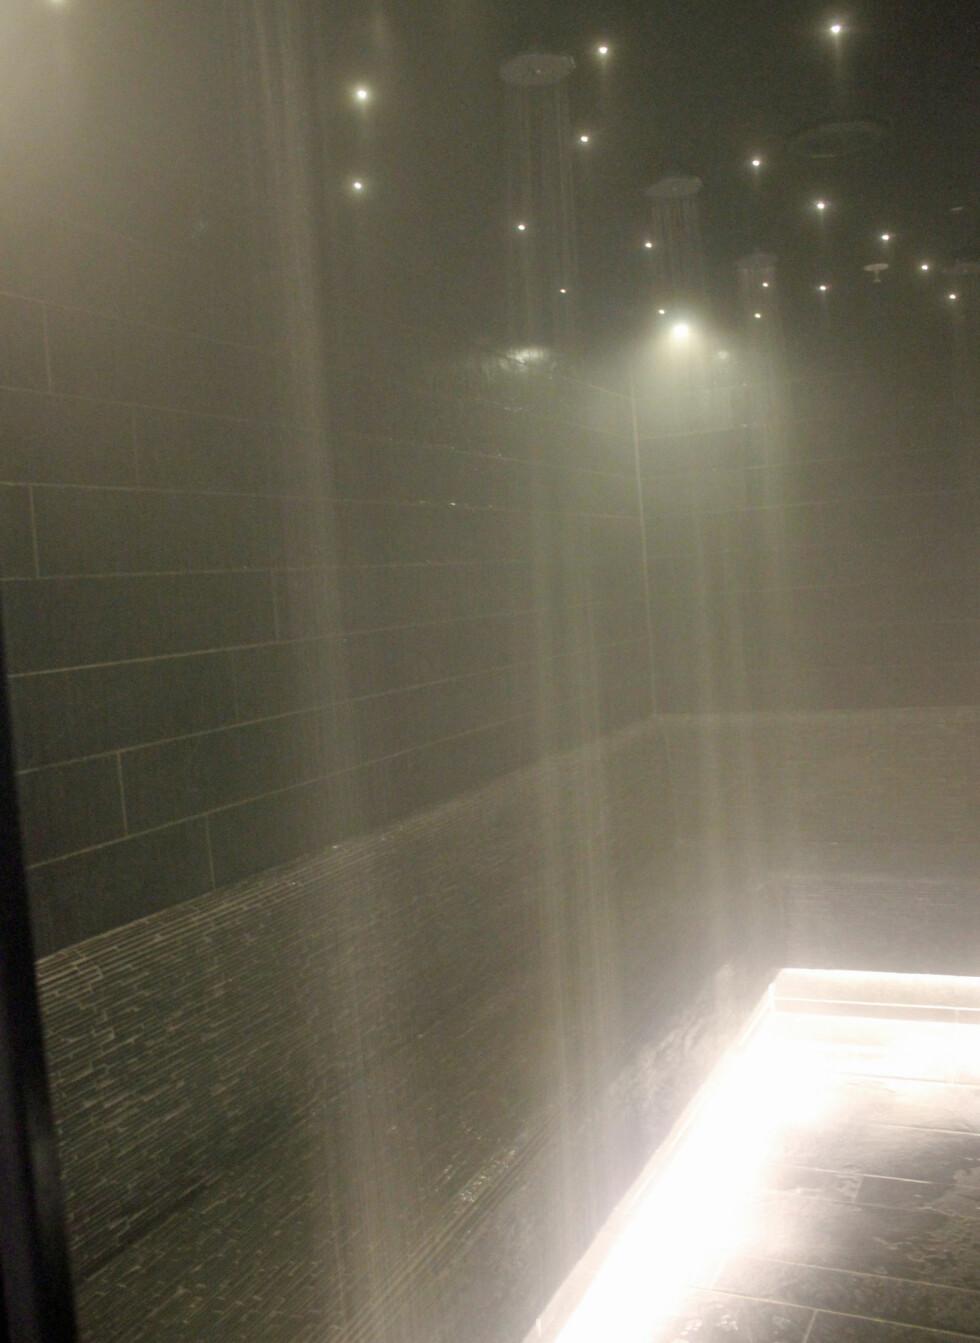 Steamrommet i tilknytning til hamamen har dusjdyser langs alle veggene, slik at man kan dusje av seg leiren. Foto: ELISABETH DALSEG